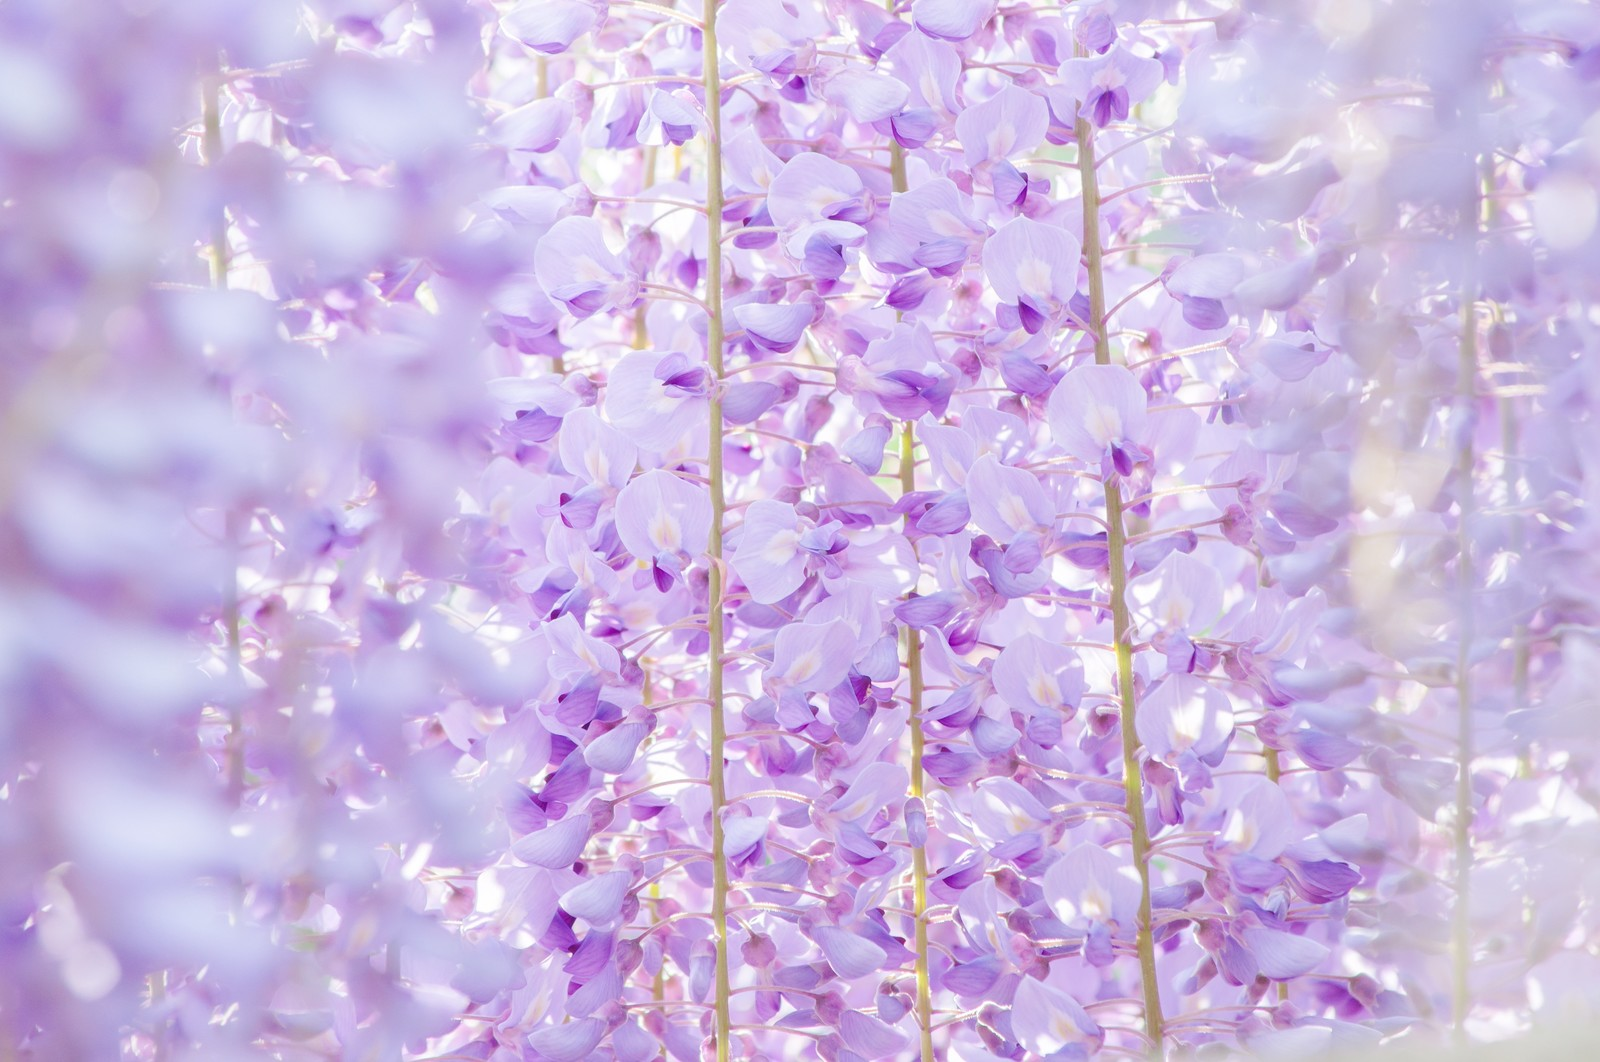 「藤の花のテクスチャ藤の花のテクスチャ」のフリー... 藤の花のテクスチャ|ぱくたそフリー写真素